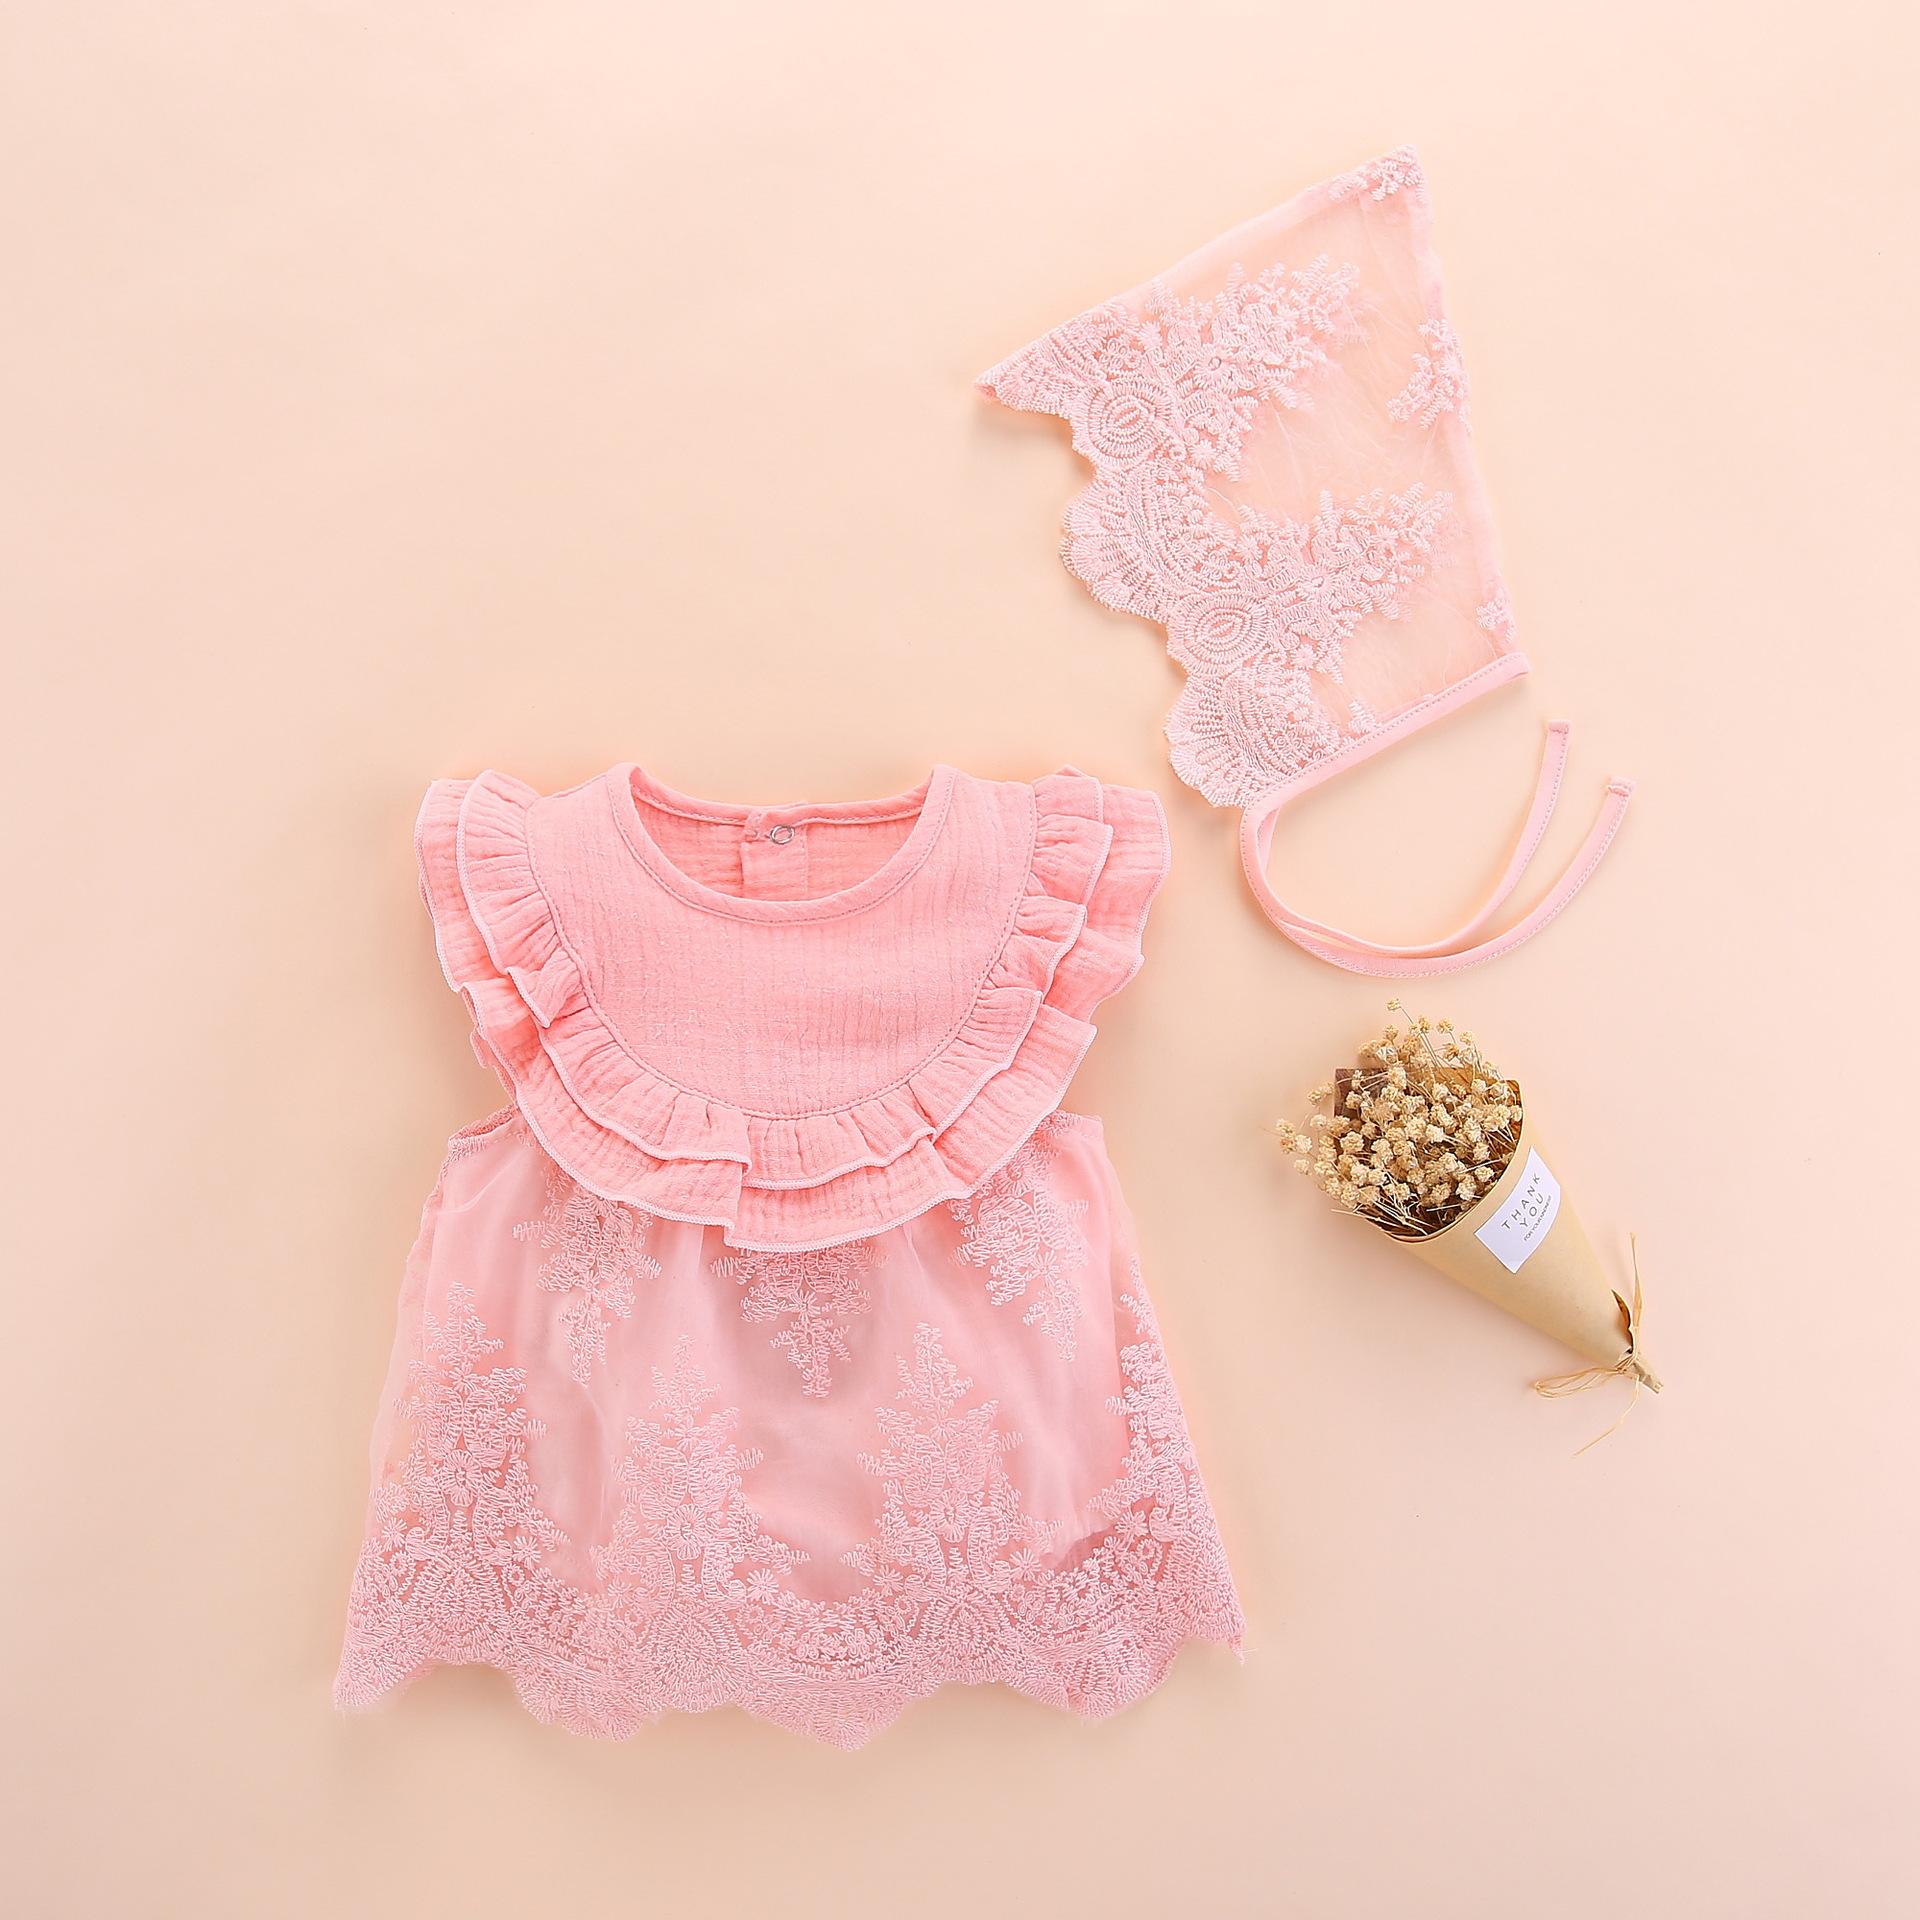 婴儿服装宝宝带帽网纱连体衣 宝宝哈衣公主裙 满月百天礼服 带帽